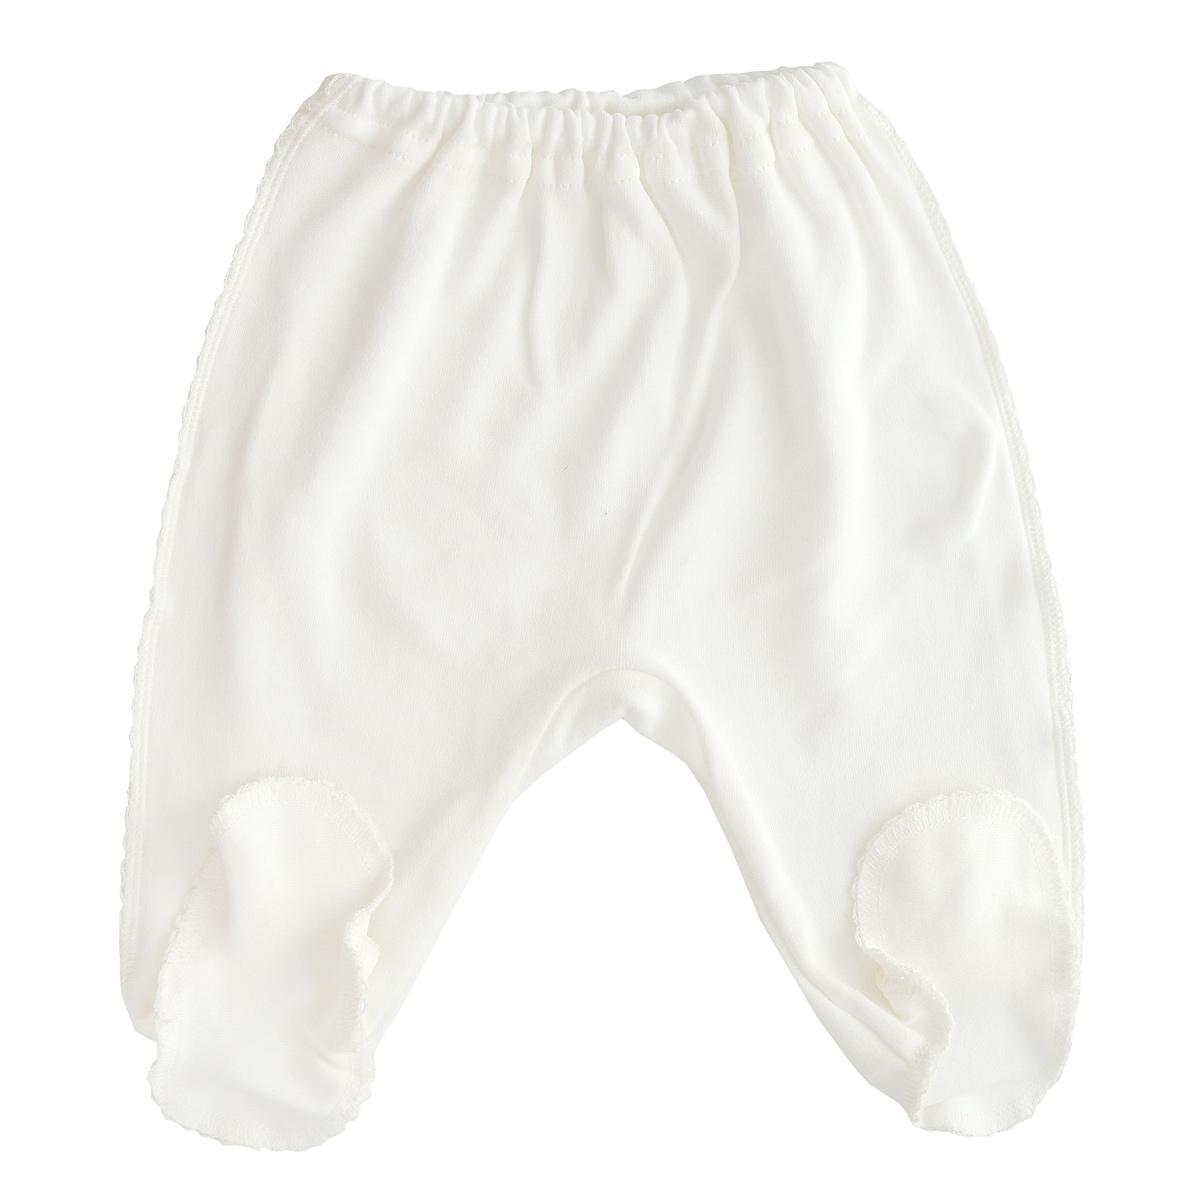 Ползунки Фреш стайл, цвет: экрю. 37-506н. Размер 6237-506нПолзунки с закрытыми ножками Фреш Стайл послужат идеальным дополнением к гардеробу малыша. Ползунки, изготовленные из интерлок-пенье - натурального хлопка, необычайно мягкие и легкие, не раздражают нежную кожу ребенка и хорошо вентилируются, а выполненные наружу швы приятны телу малыша и не препятствуют его движениям.Ползунки на резинке - очень удобный и практичный вид одежды для малышей, которые уже немного подросли.